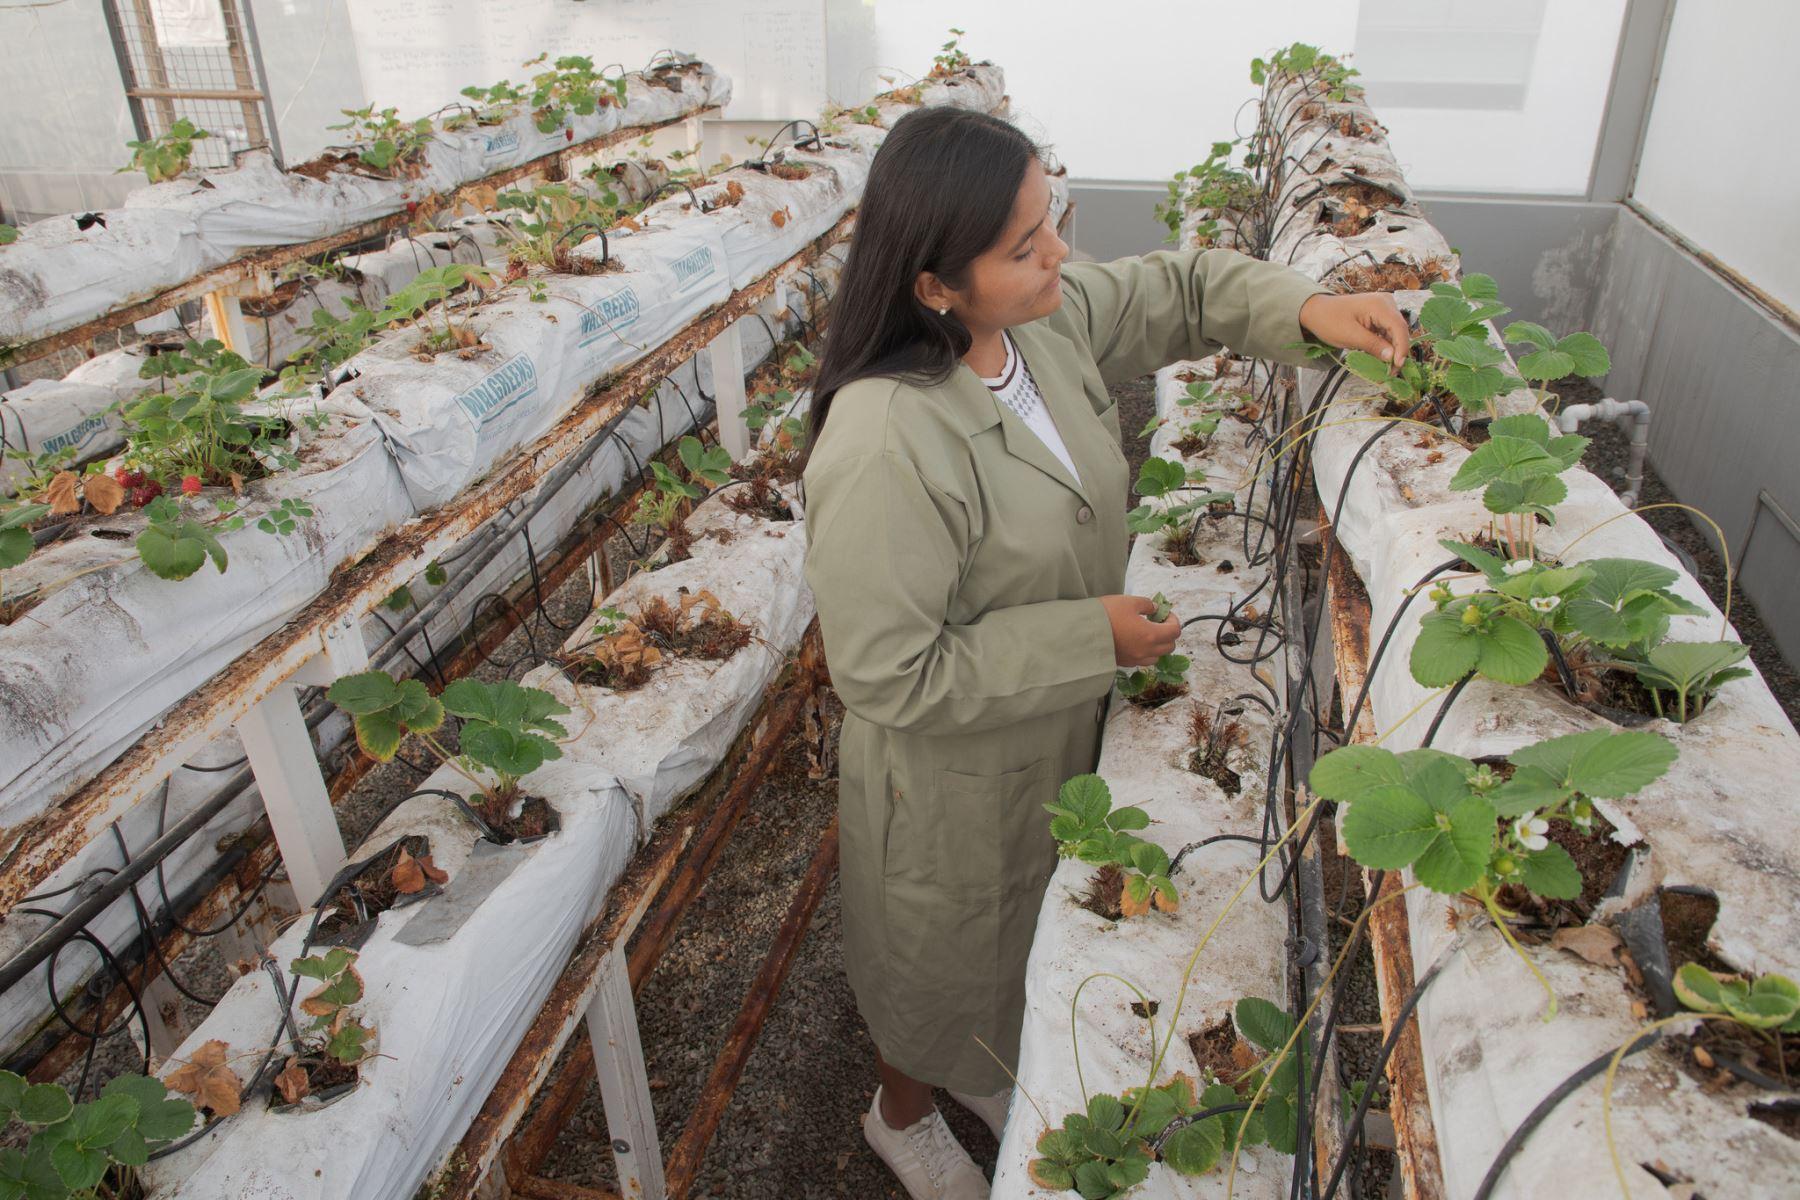 Las becas están relacionadas con la agricultura, alimentación, medio ambiente y ciencias de la salud. Foto: Pronabec